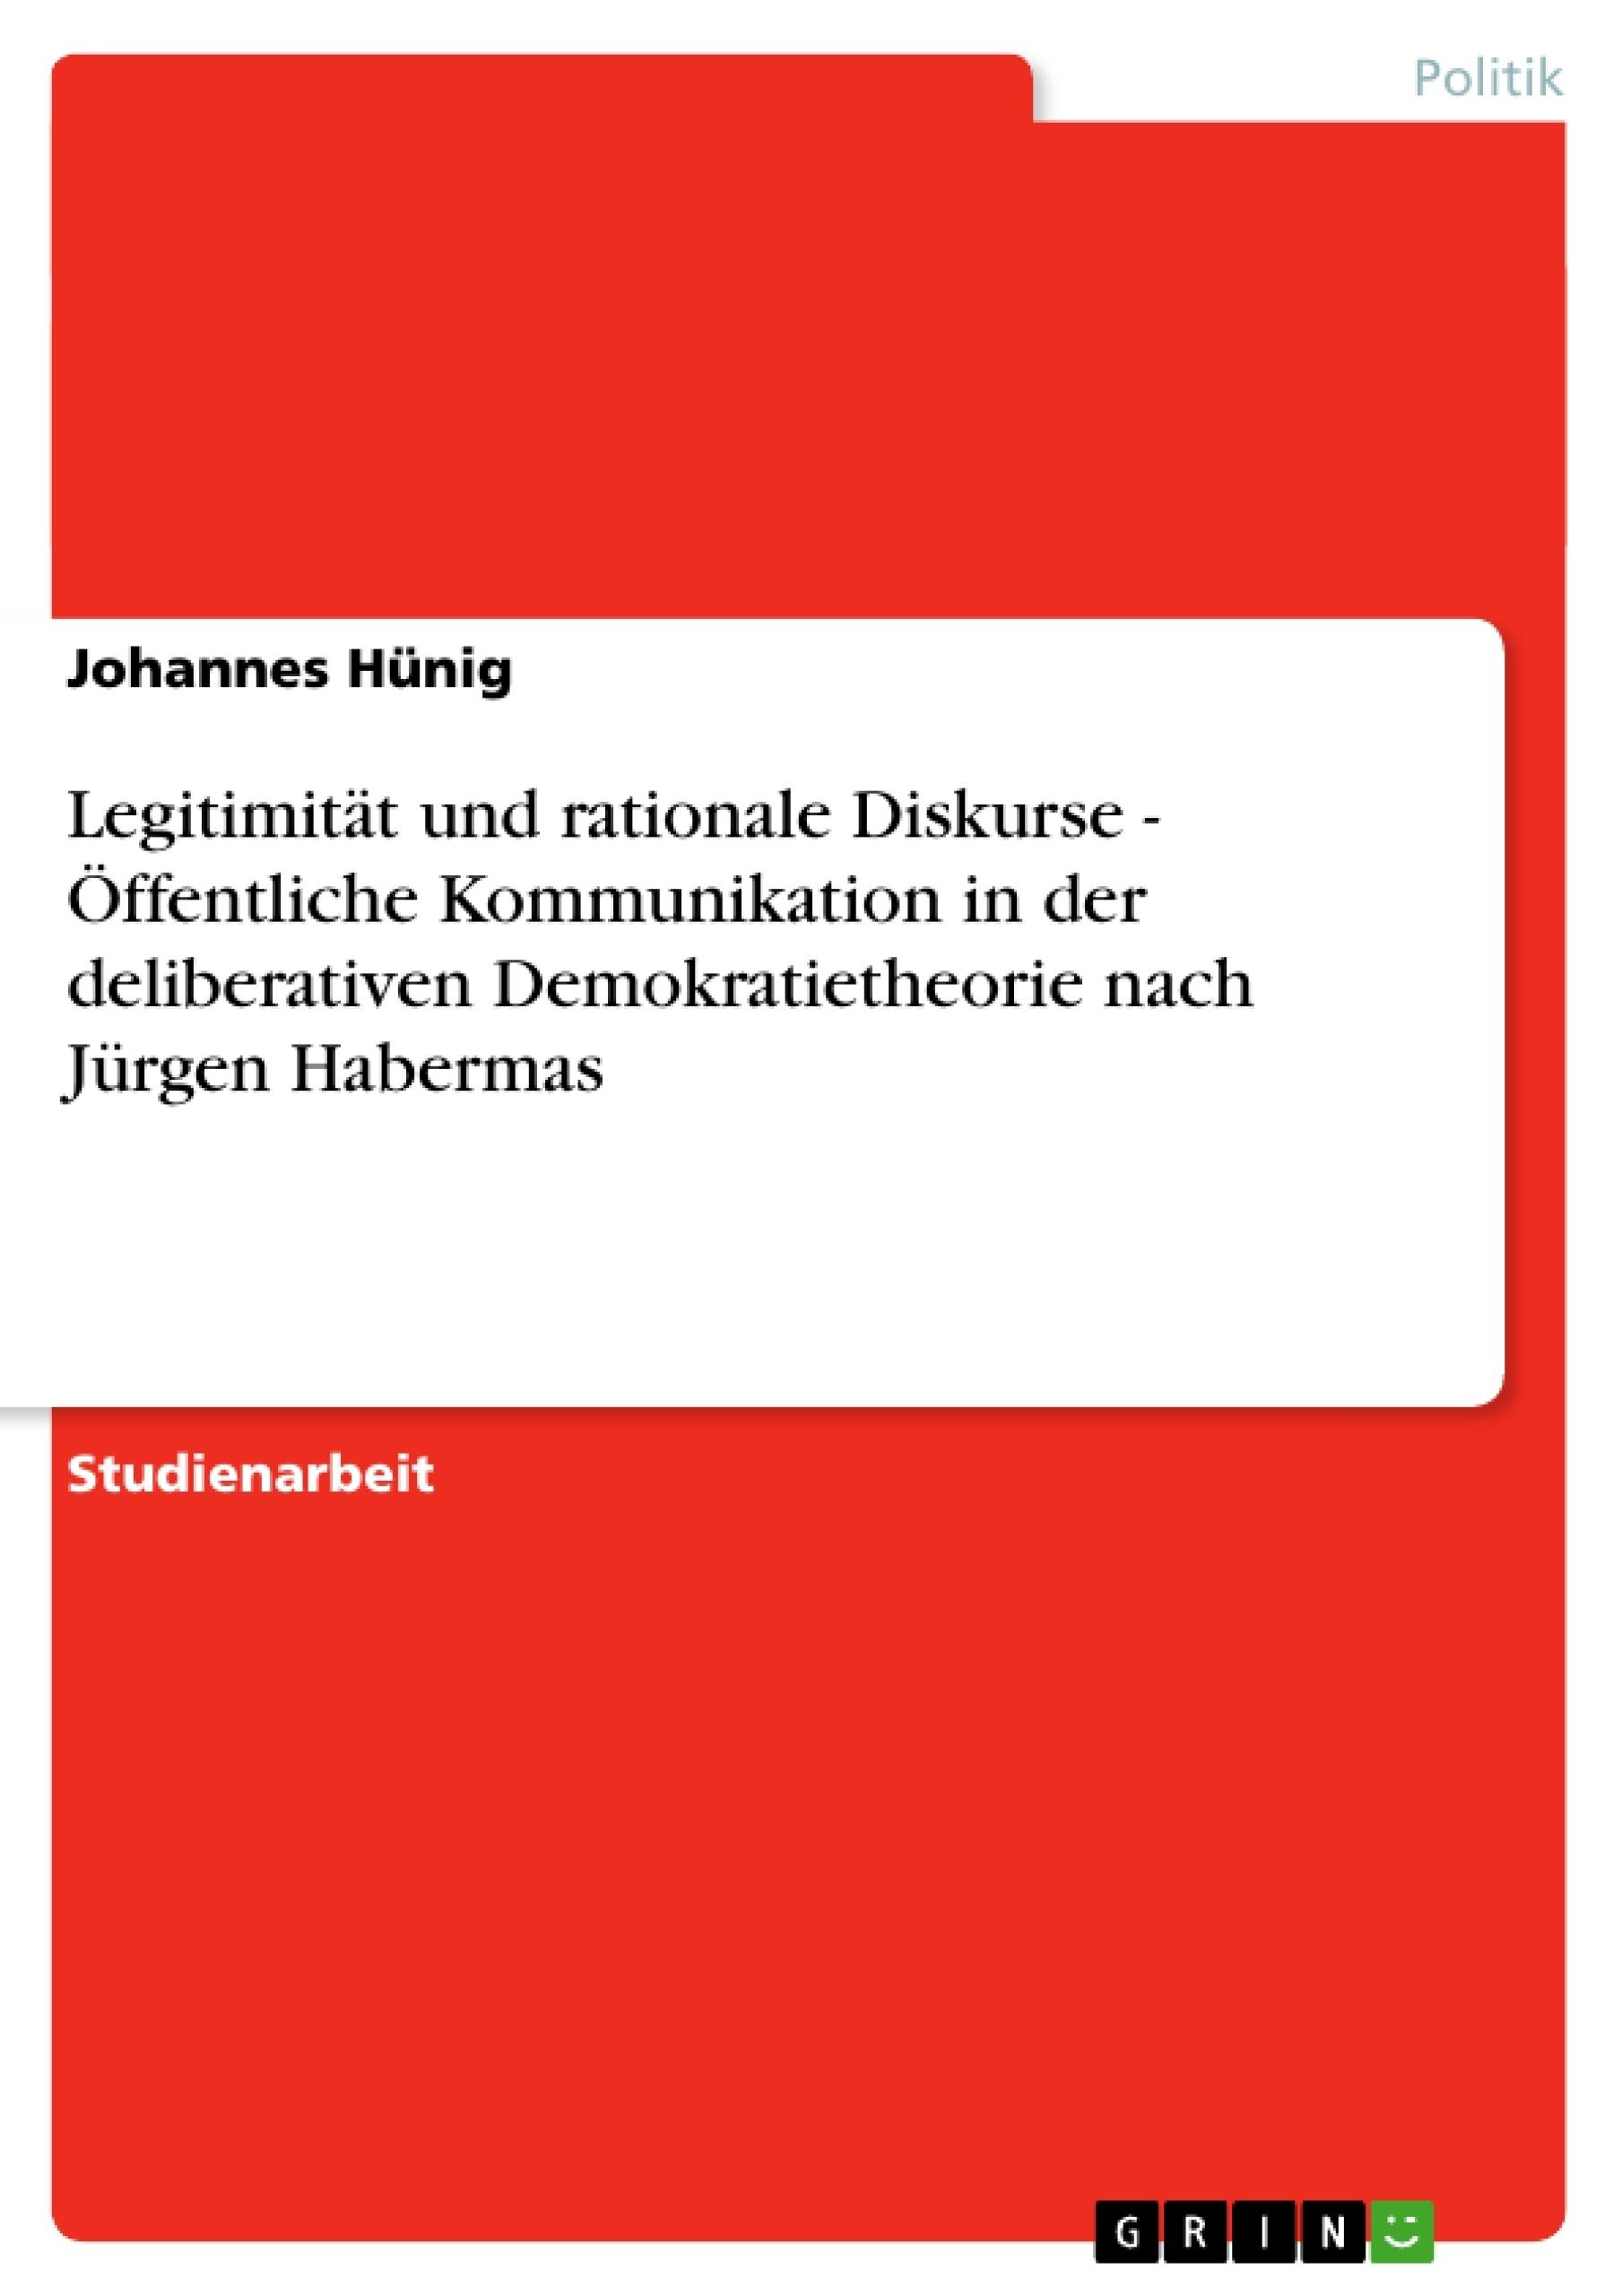 Titel: Legitimität und rationale Diskurse - Öffentliche Kommunikation in der deliberativen Demokratietheorie nach Jürgen Habermas